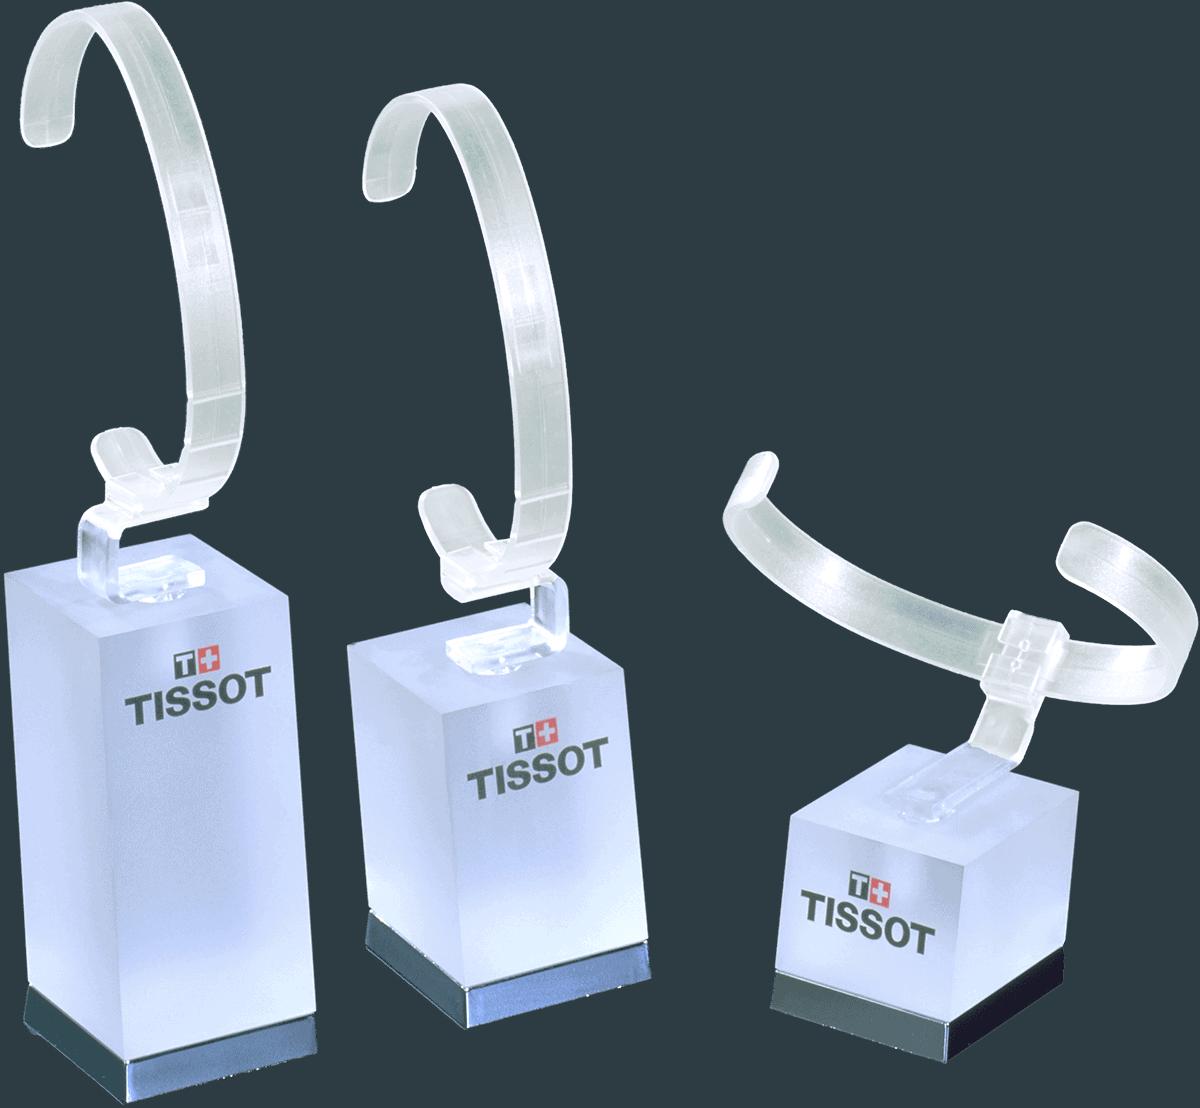 TISSOT Uhrensockel für Juweliere und Uhrenfachhandel